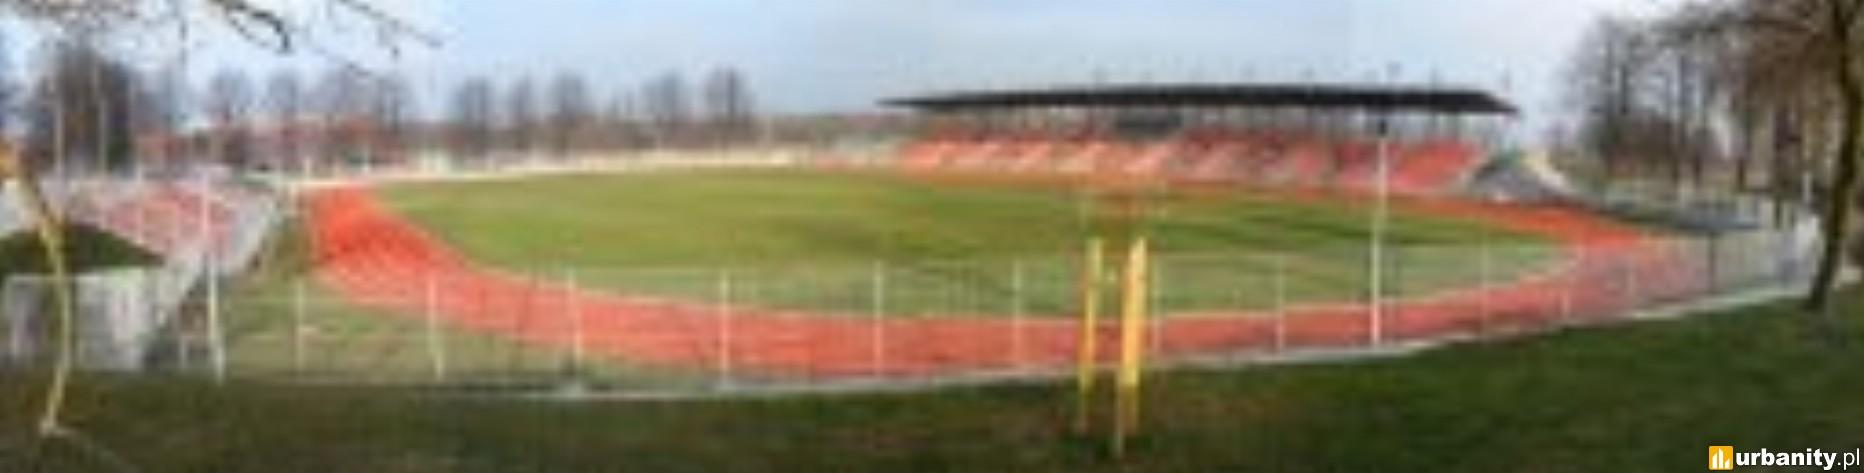 Miniaturka Stadion MZKS Chrobry Głogów